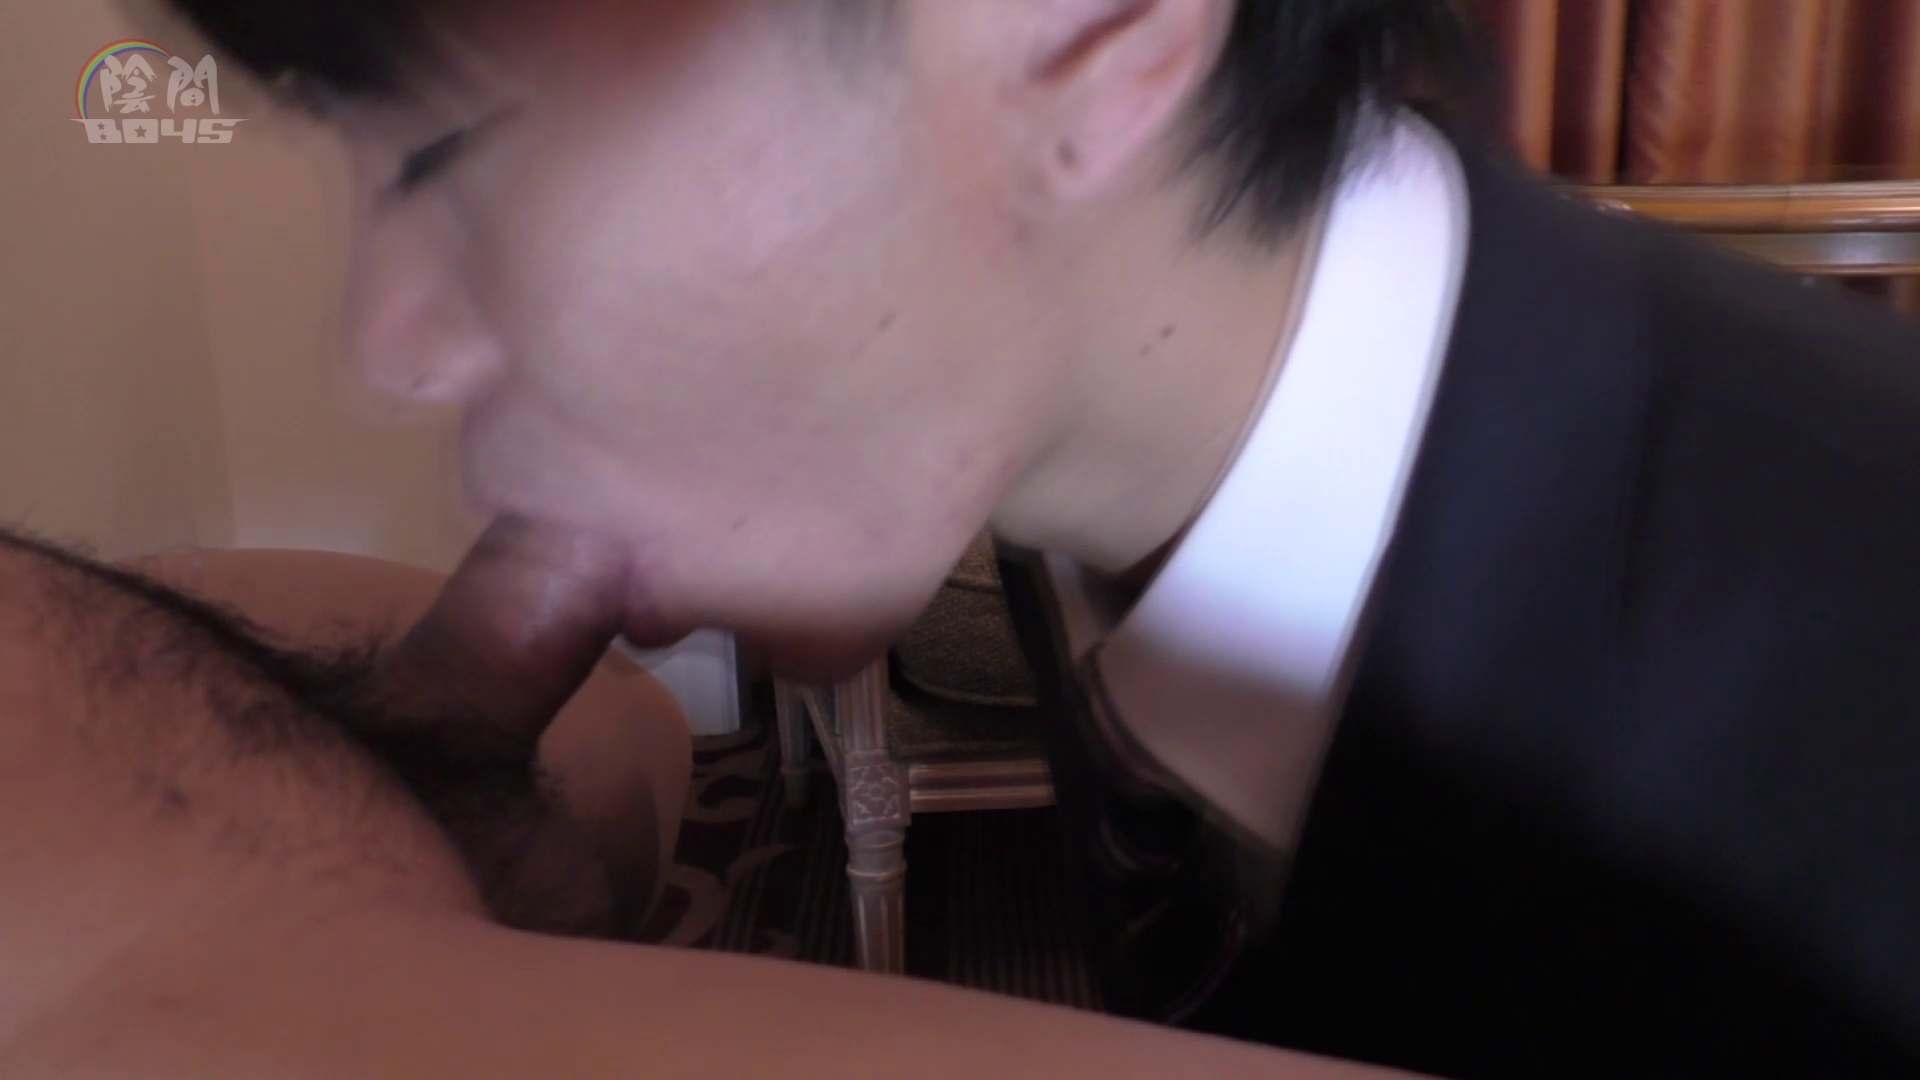 キャバクラの仕事はアナルから6  ~アナルの囁き~Vol.03 発射  110pic 62